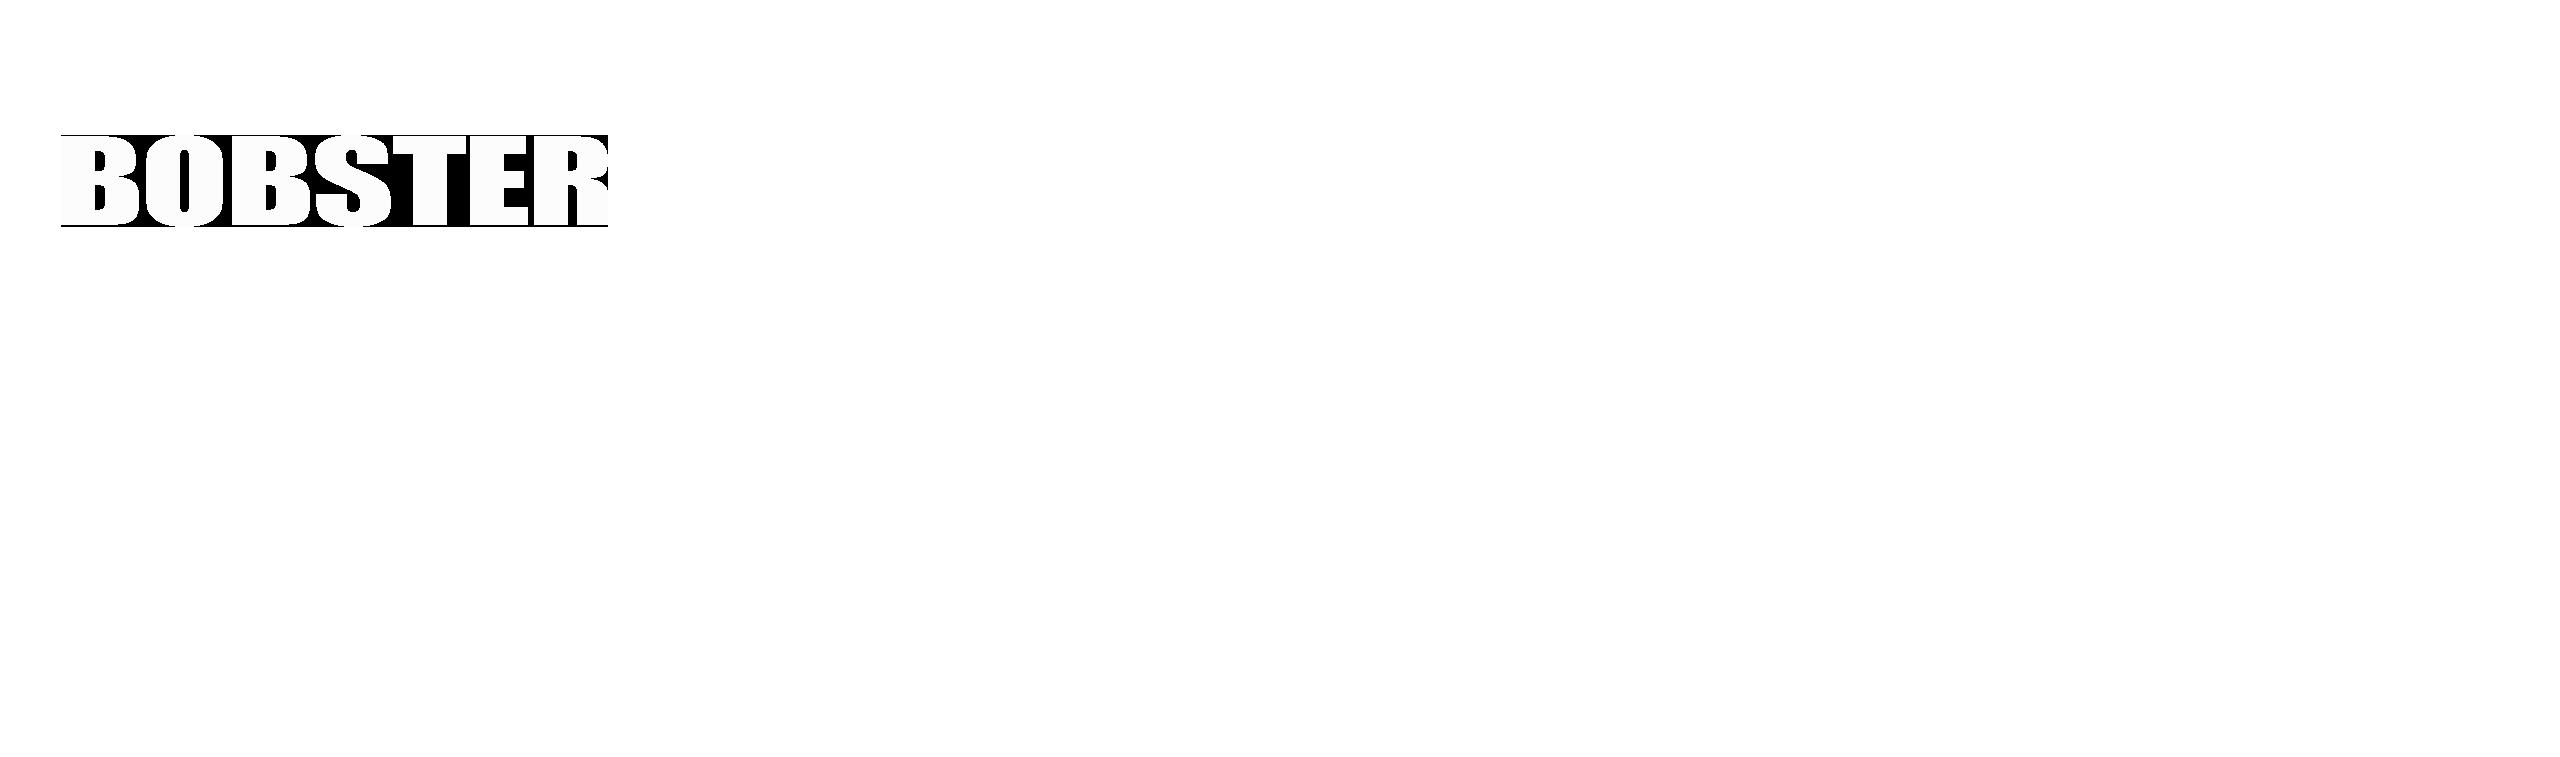 004Slider 1